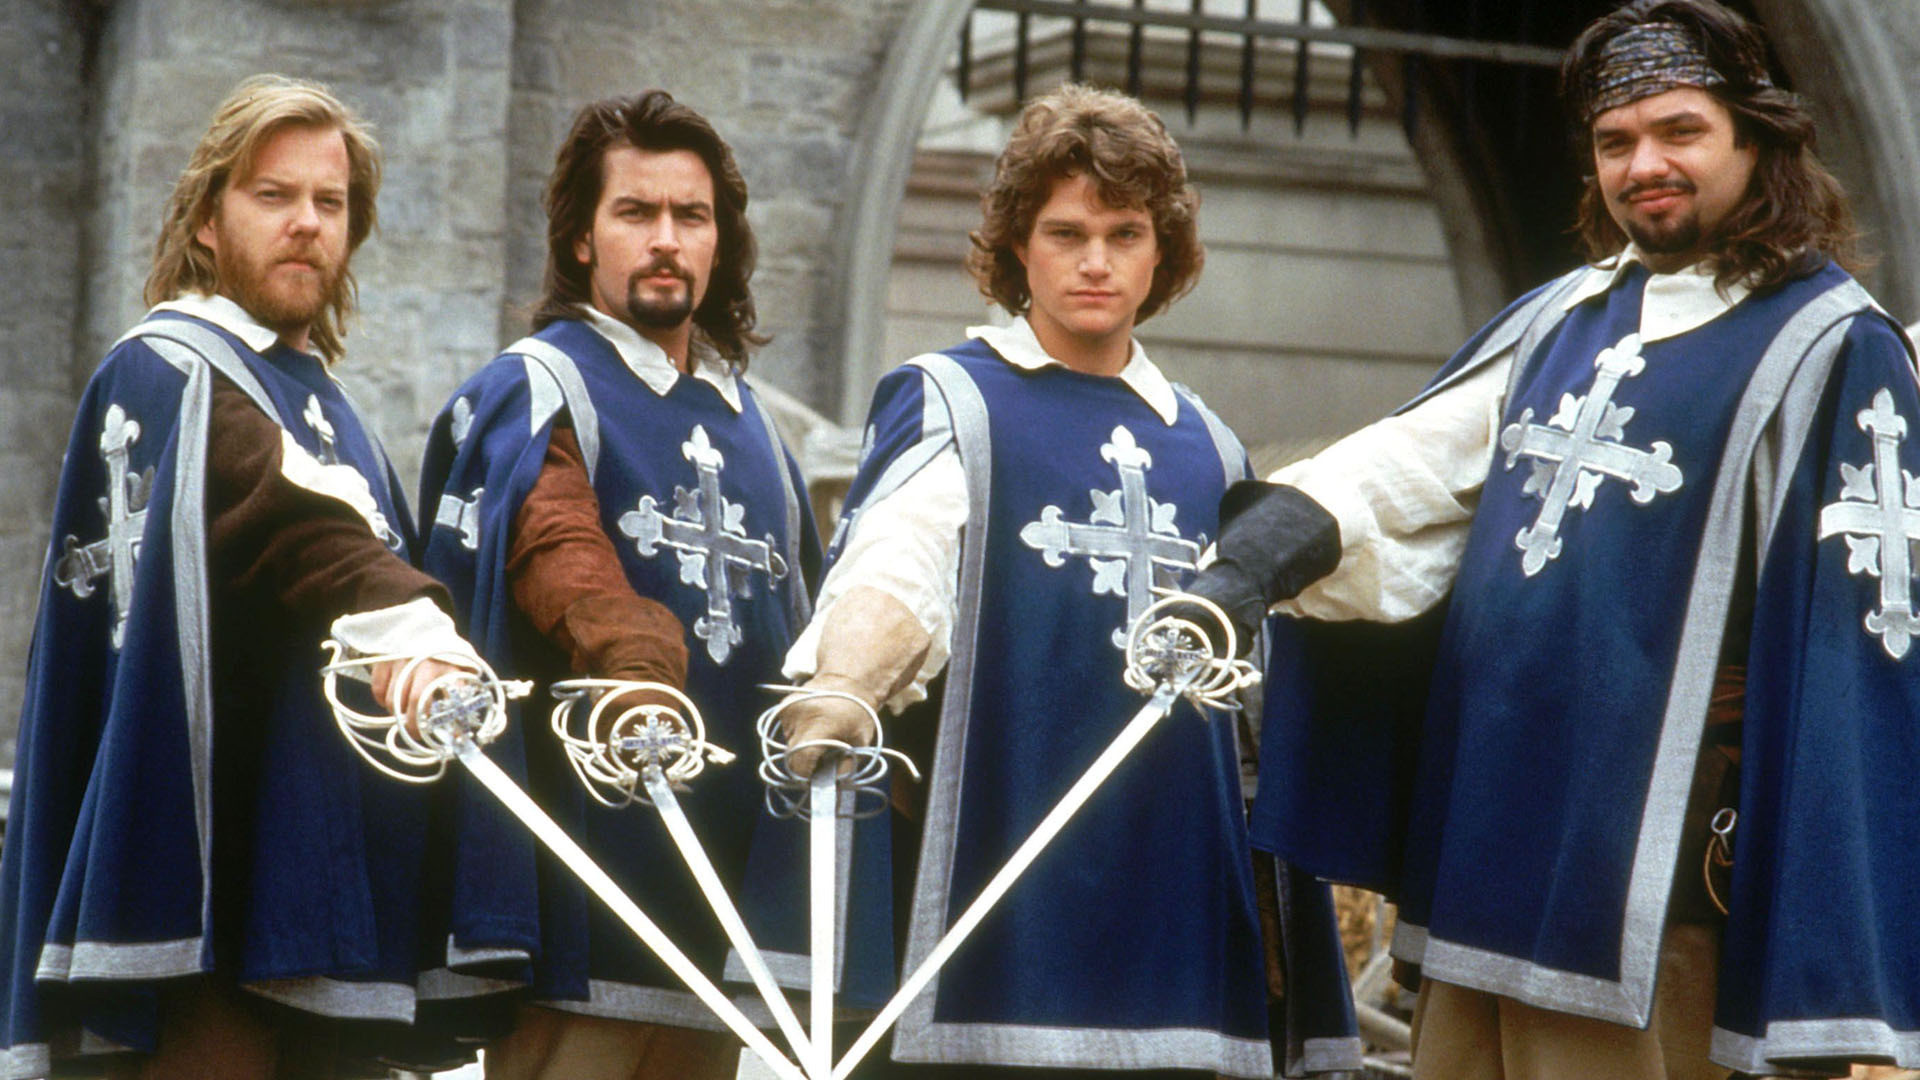 De tre musketörerna (och D'Artagnan) drar sina värjor för att rädda sin kung. Foto: Buena Vista Pictures.